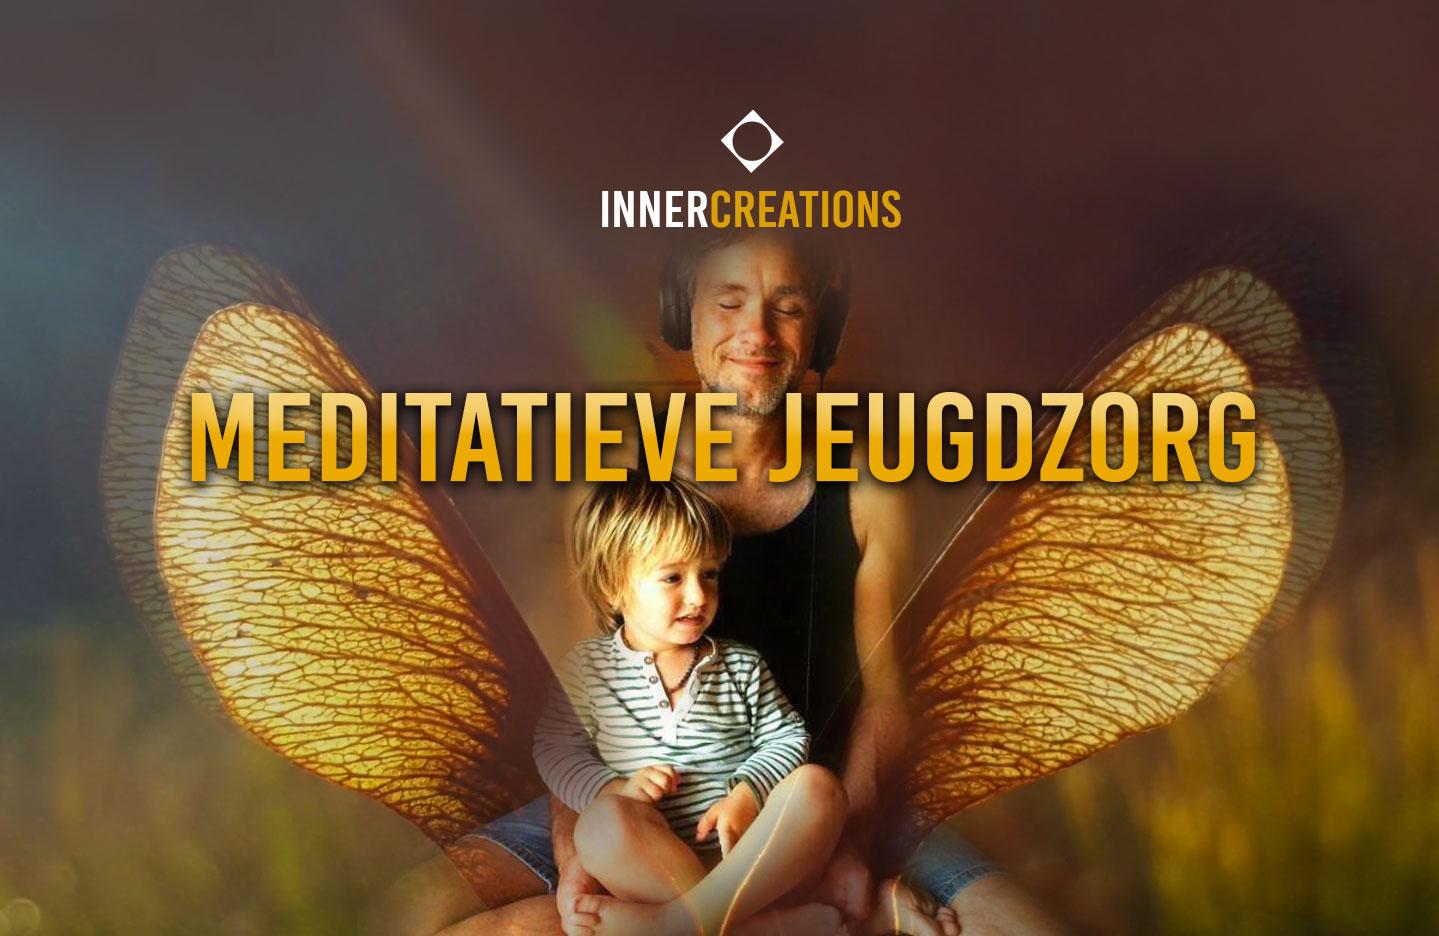 Meditatieve Jeugdzorg